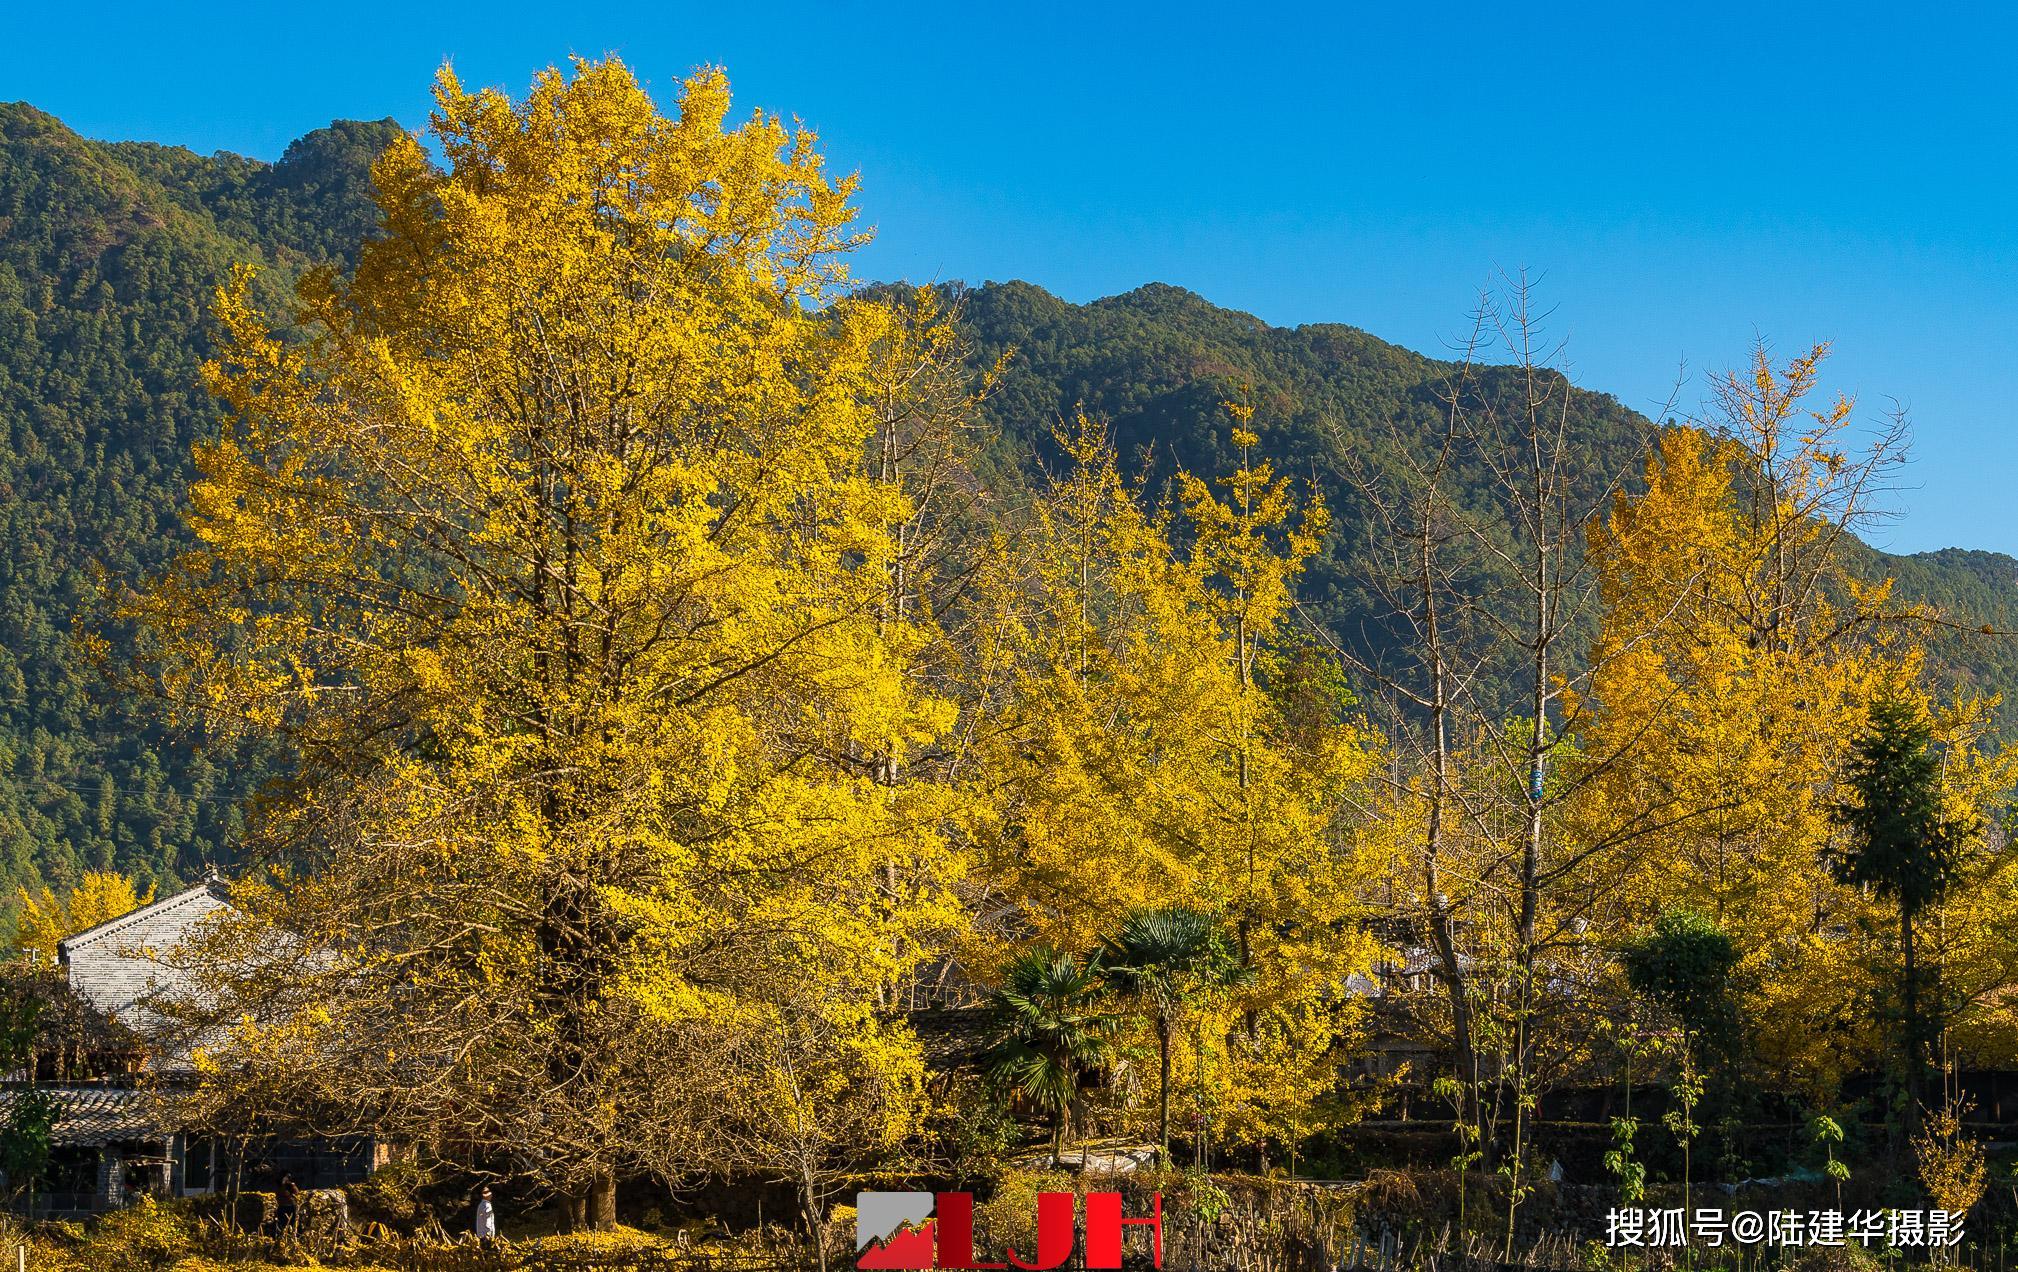 银杏叶黄了的时候,去腾冲看最美的乡村